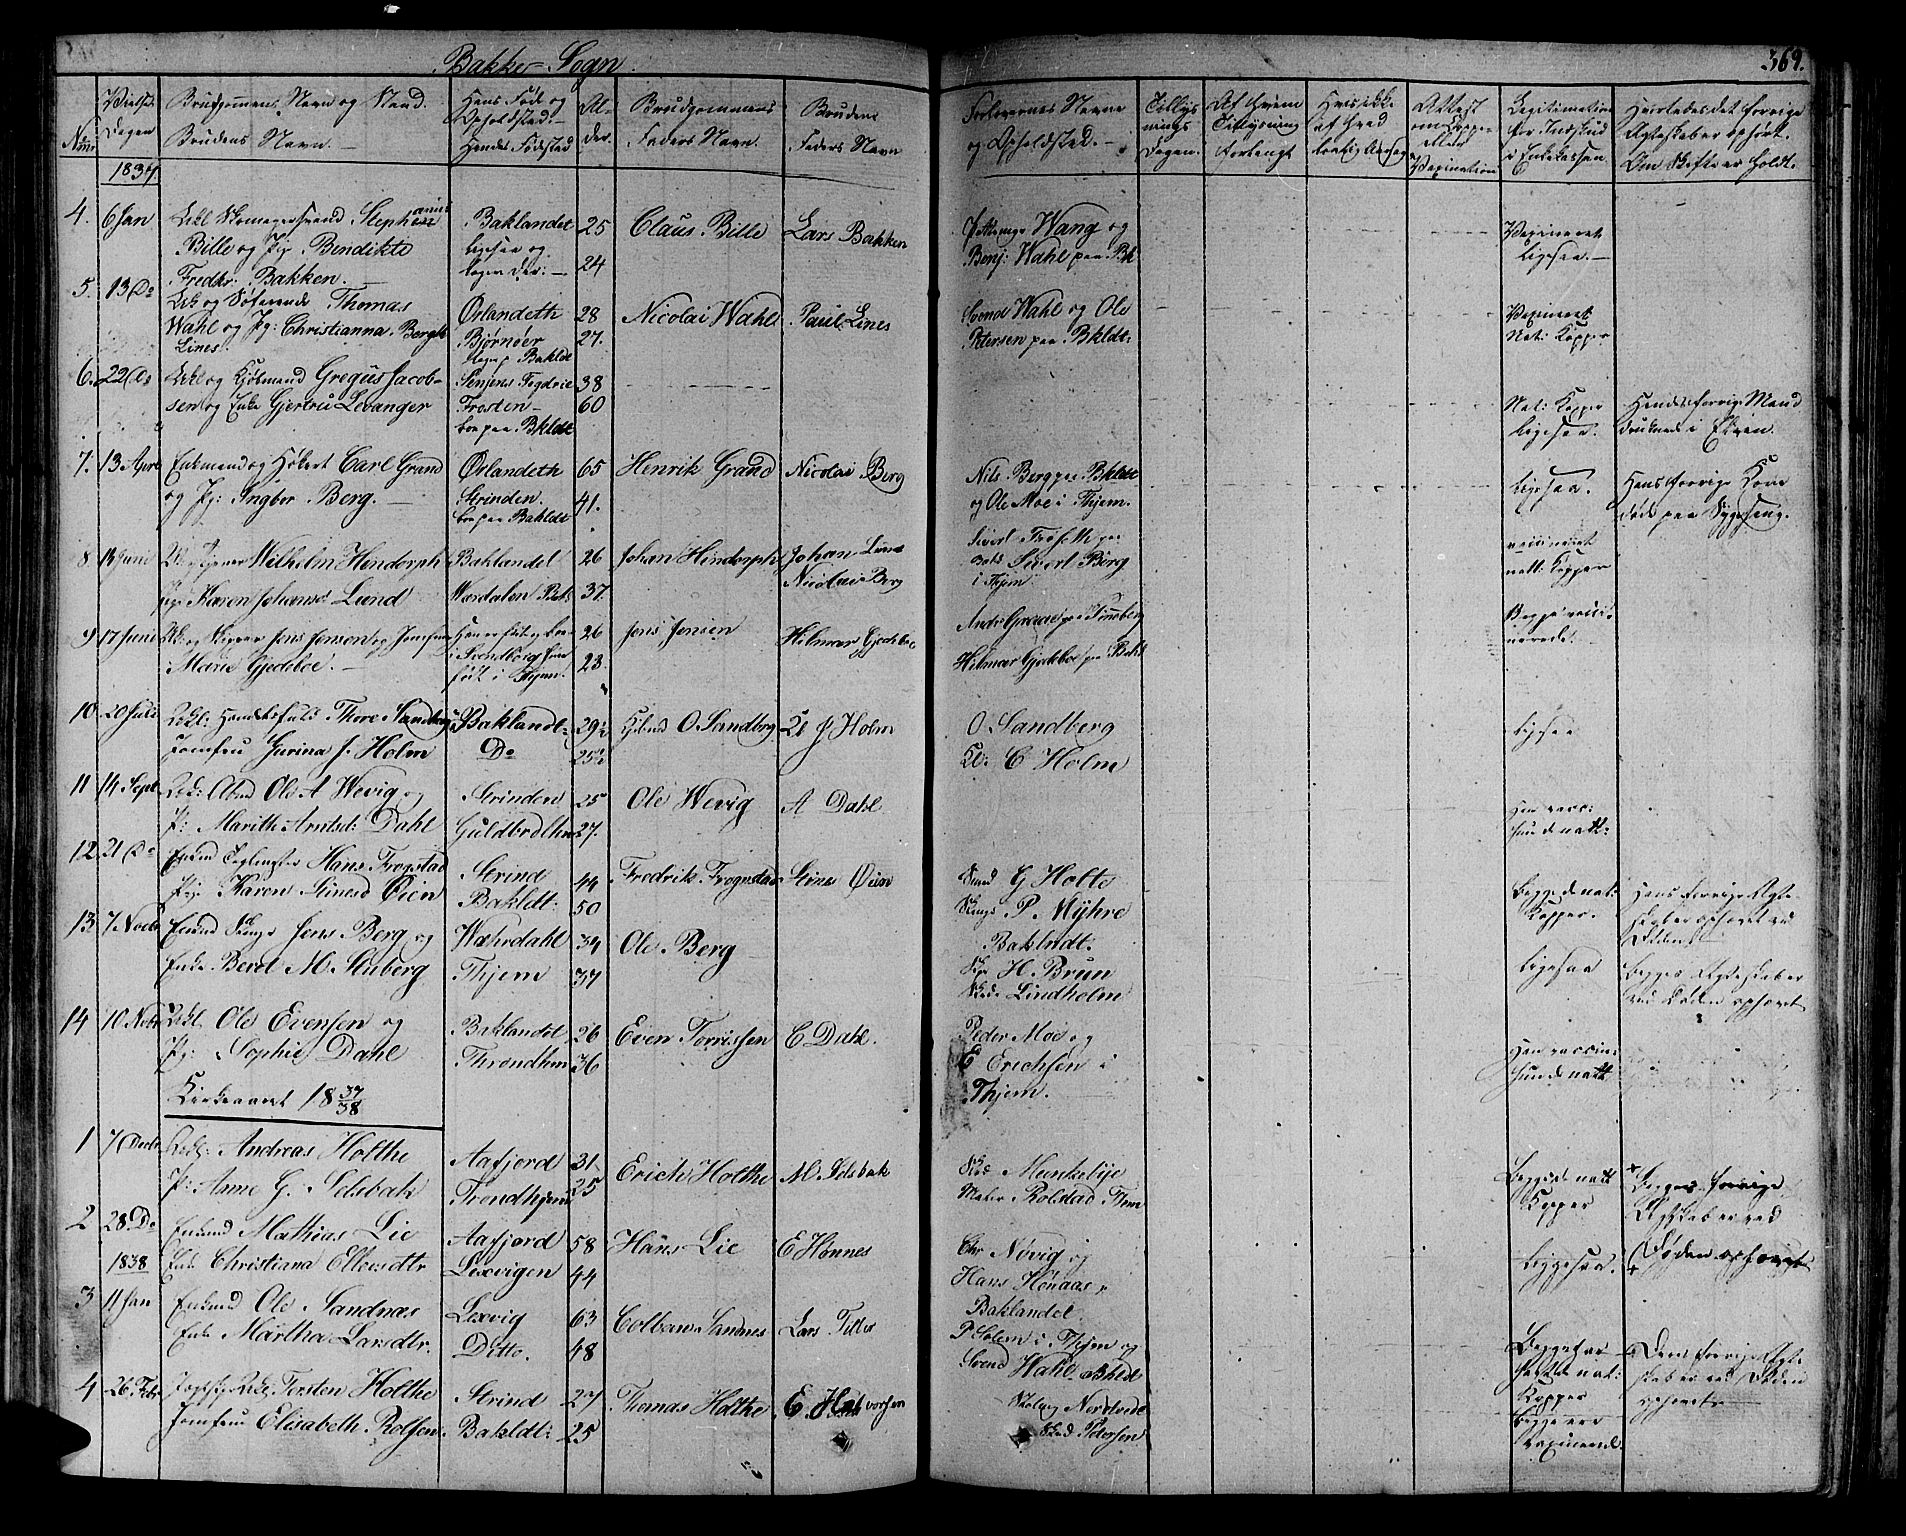 SAT, Ministerialprotokoller, klokkerbøker og fødselsregistre - Sør-Trøndelag, 606/L0287: Ministerialbok nr. 606A04 /2, 1826-1840, s. 369